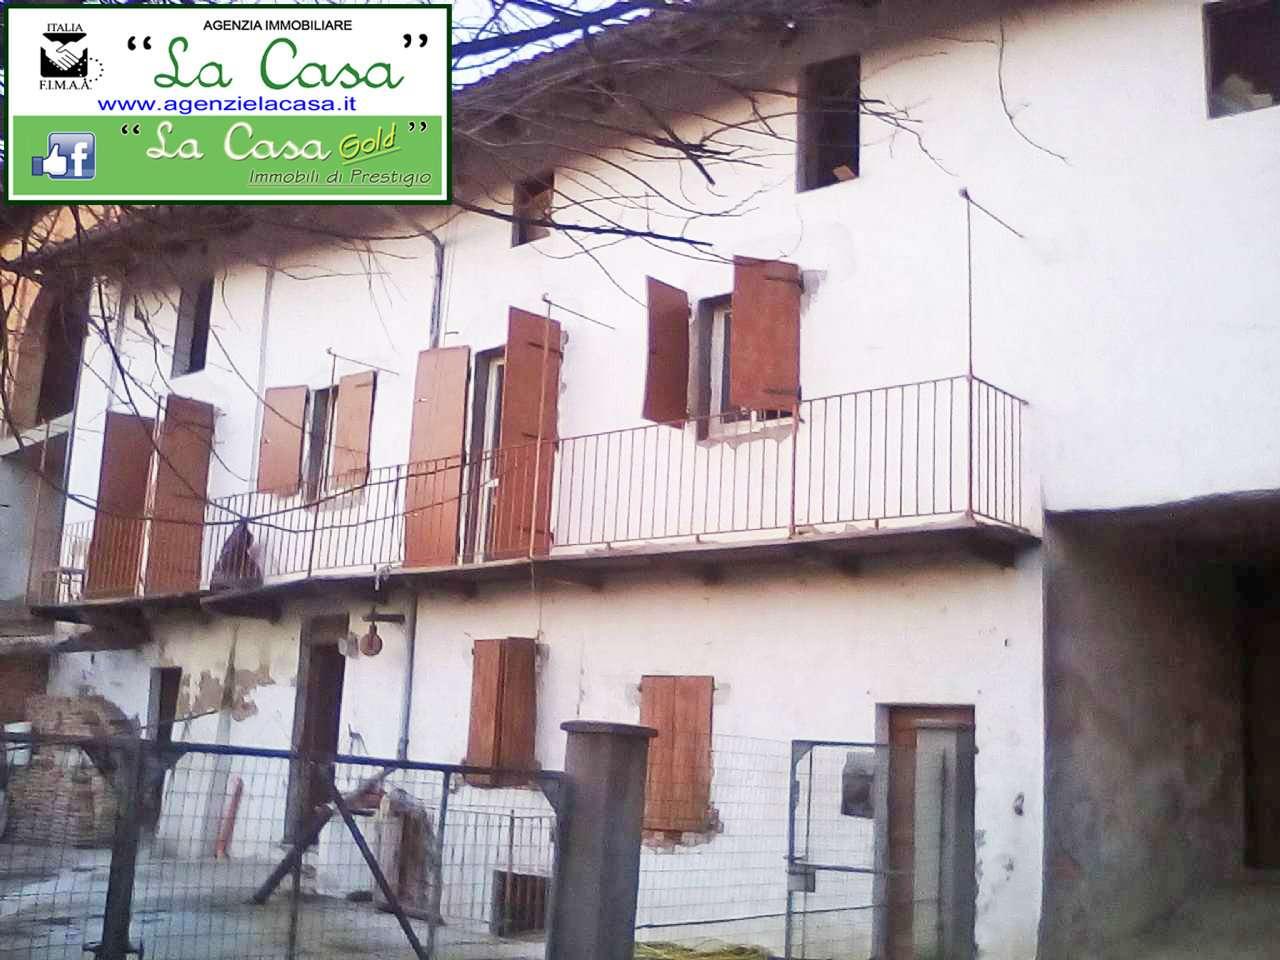 Soluzione Indipendente in vendita a Cunico, 15 locali, prezzo € 75.000 | CambioCasa.it